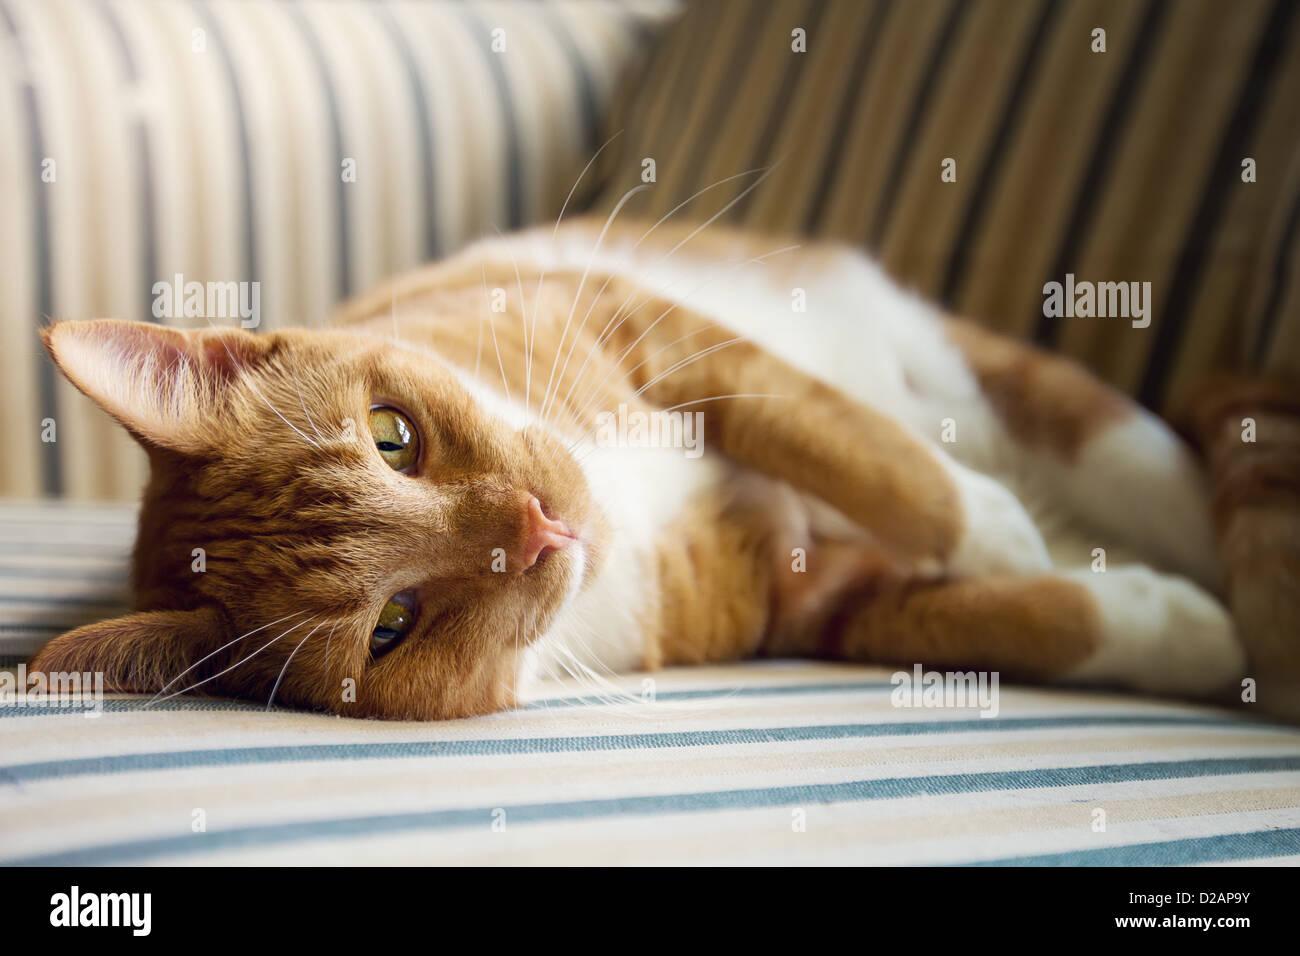 Un chat paresseux repose sur une table dans la lumière du soleil Photo Stock